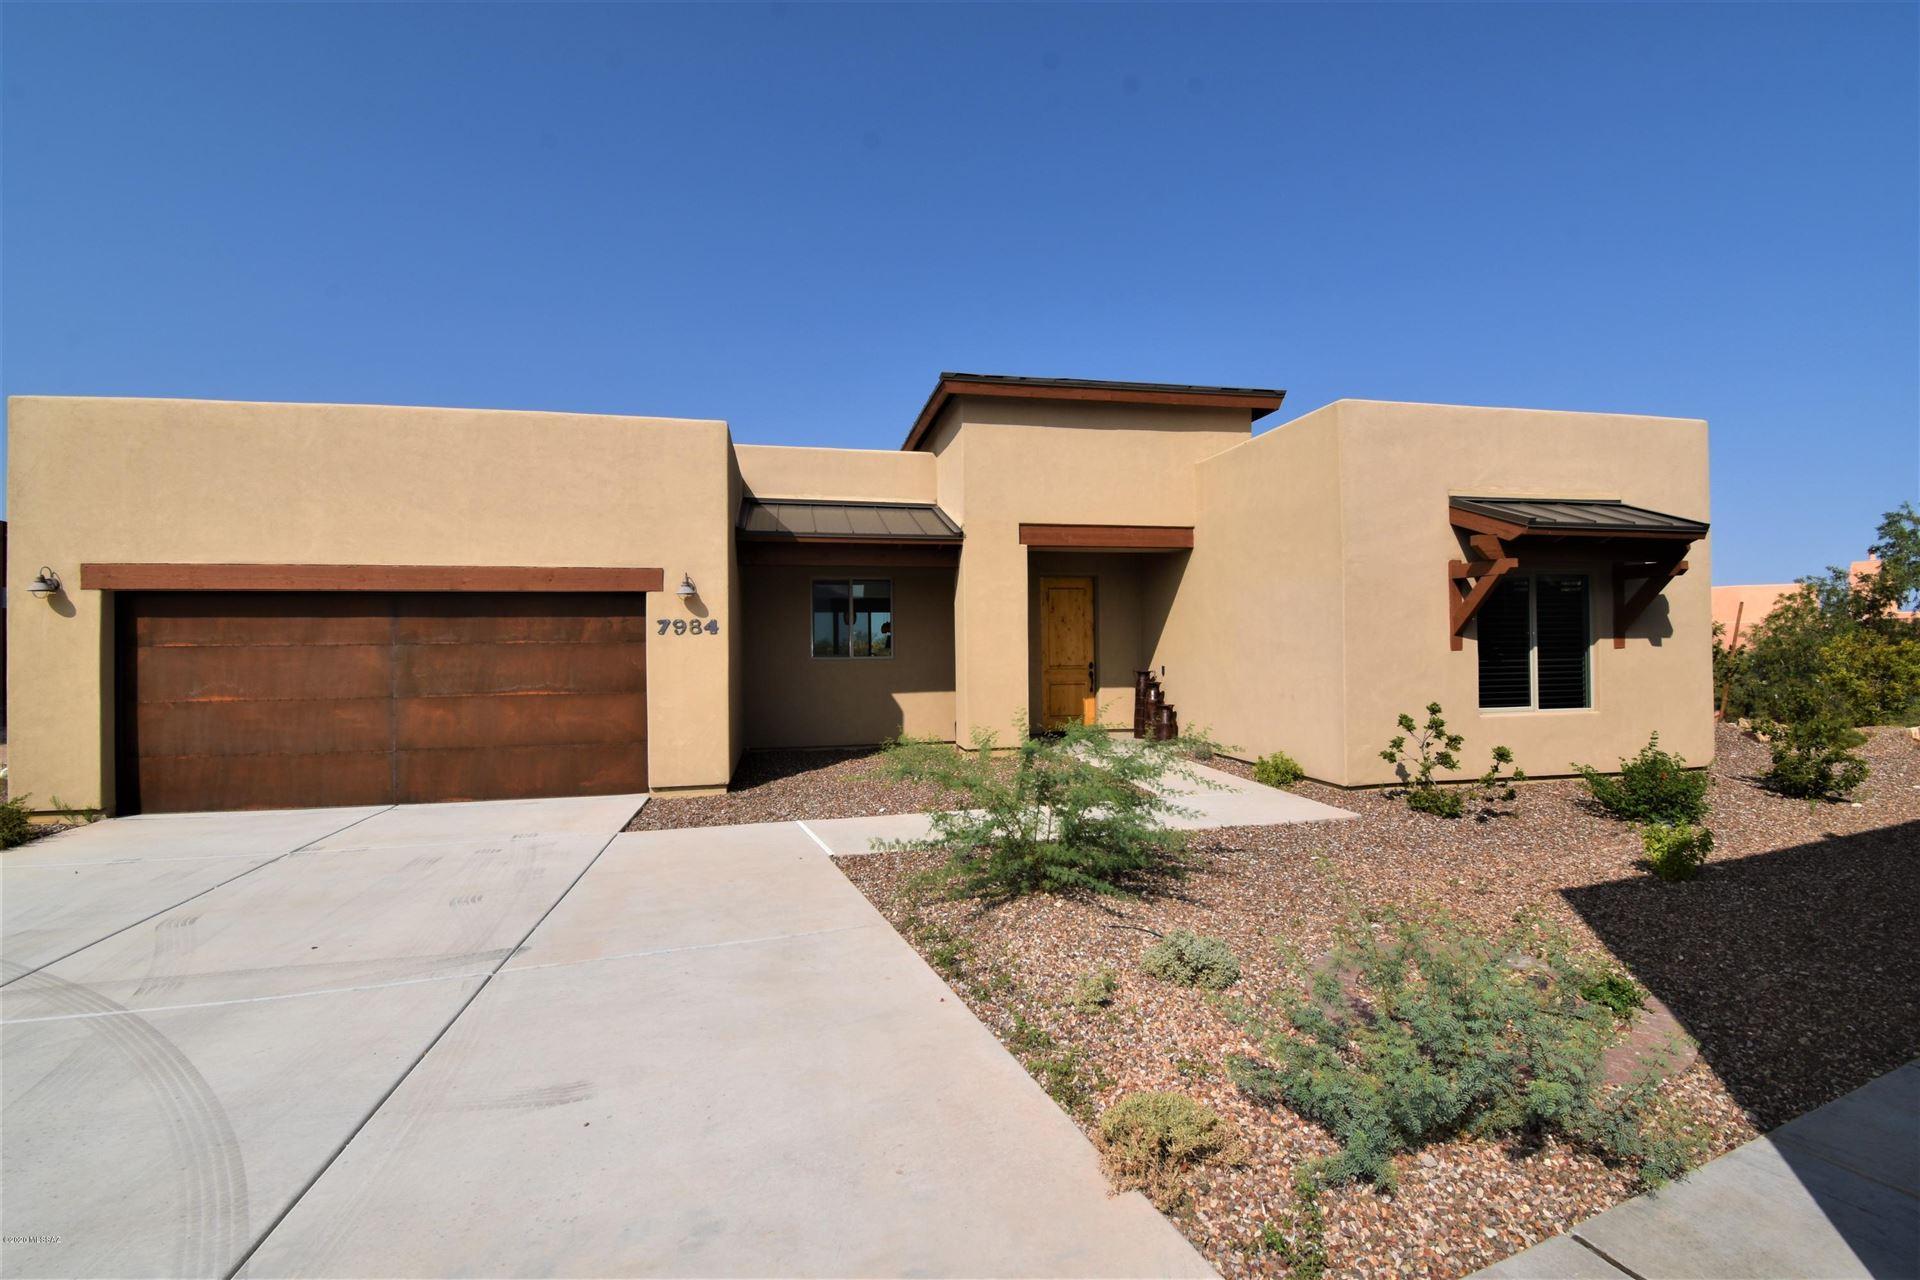 7984 S Galileo Lane, Tucson, AZ 85747 - MLS#: 22023308